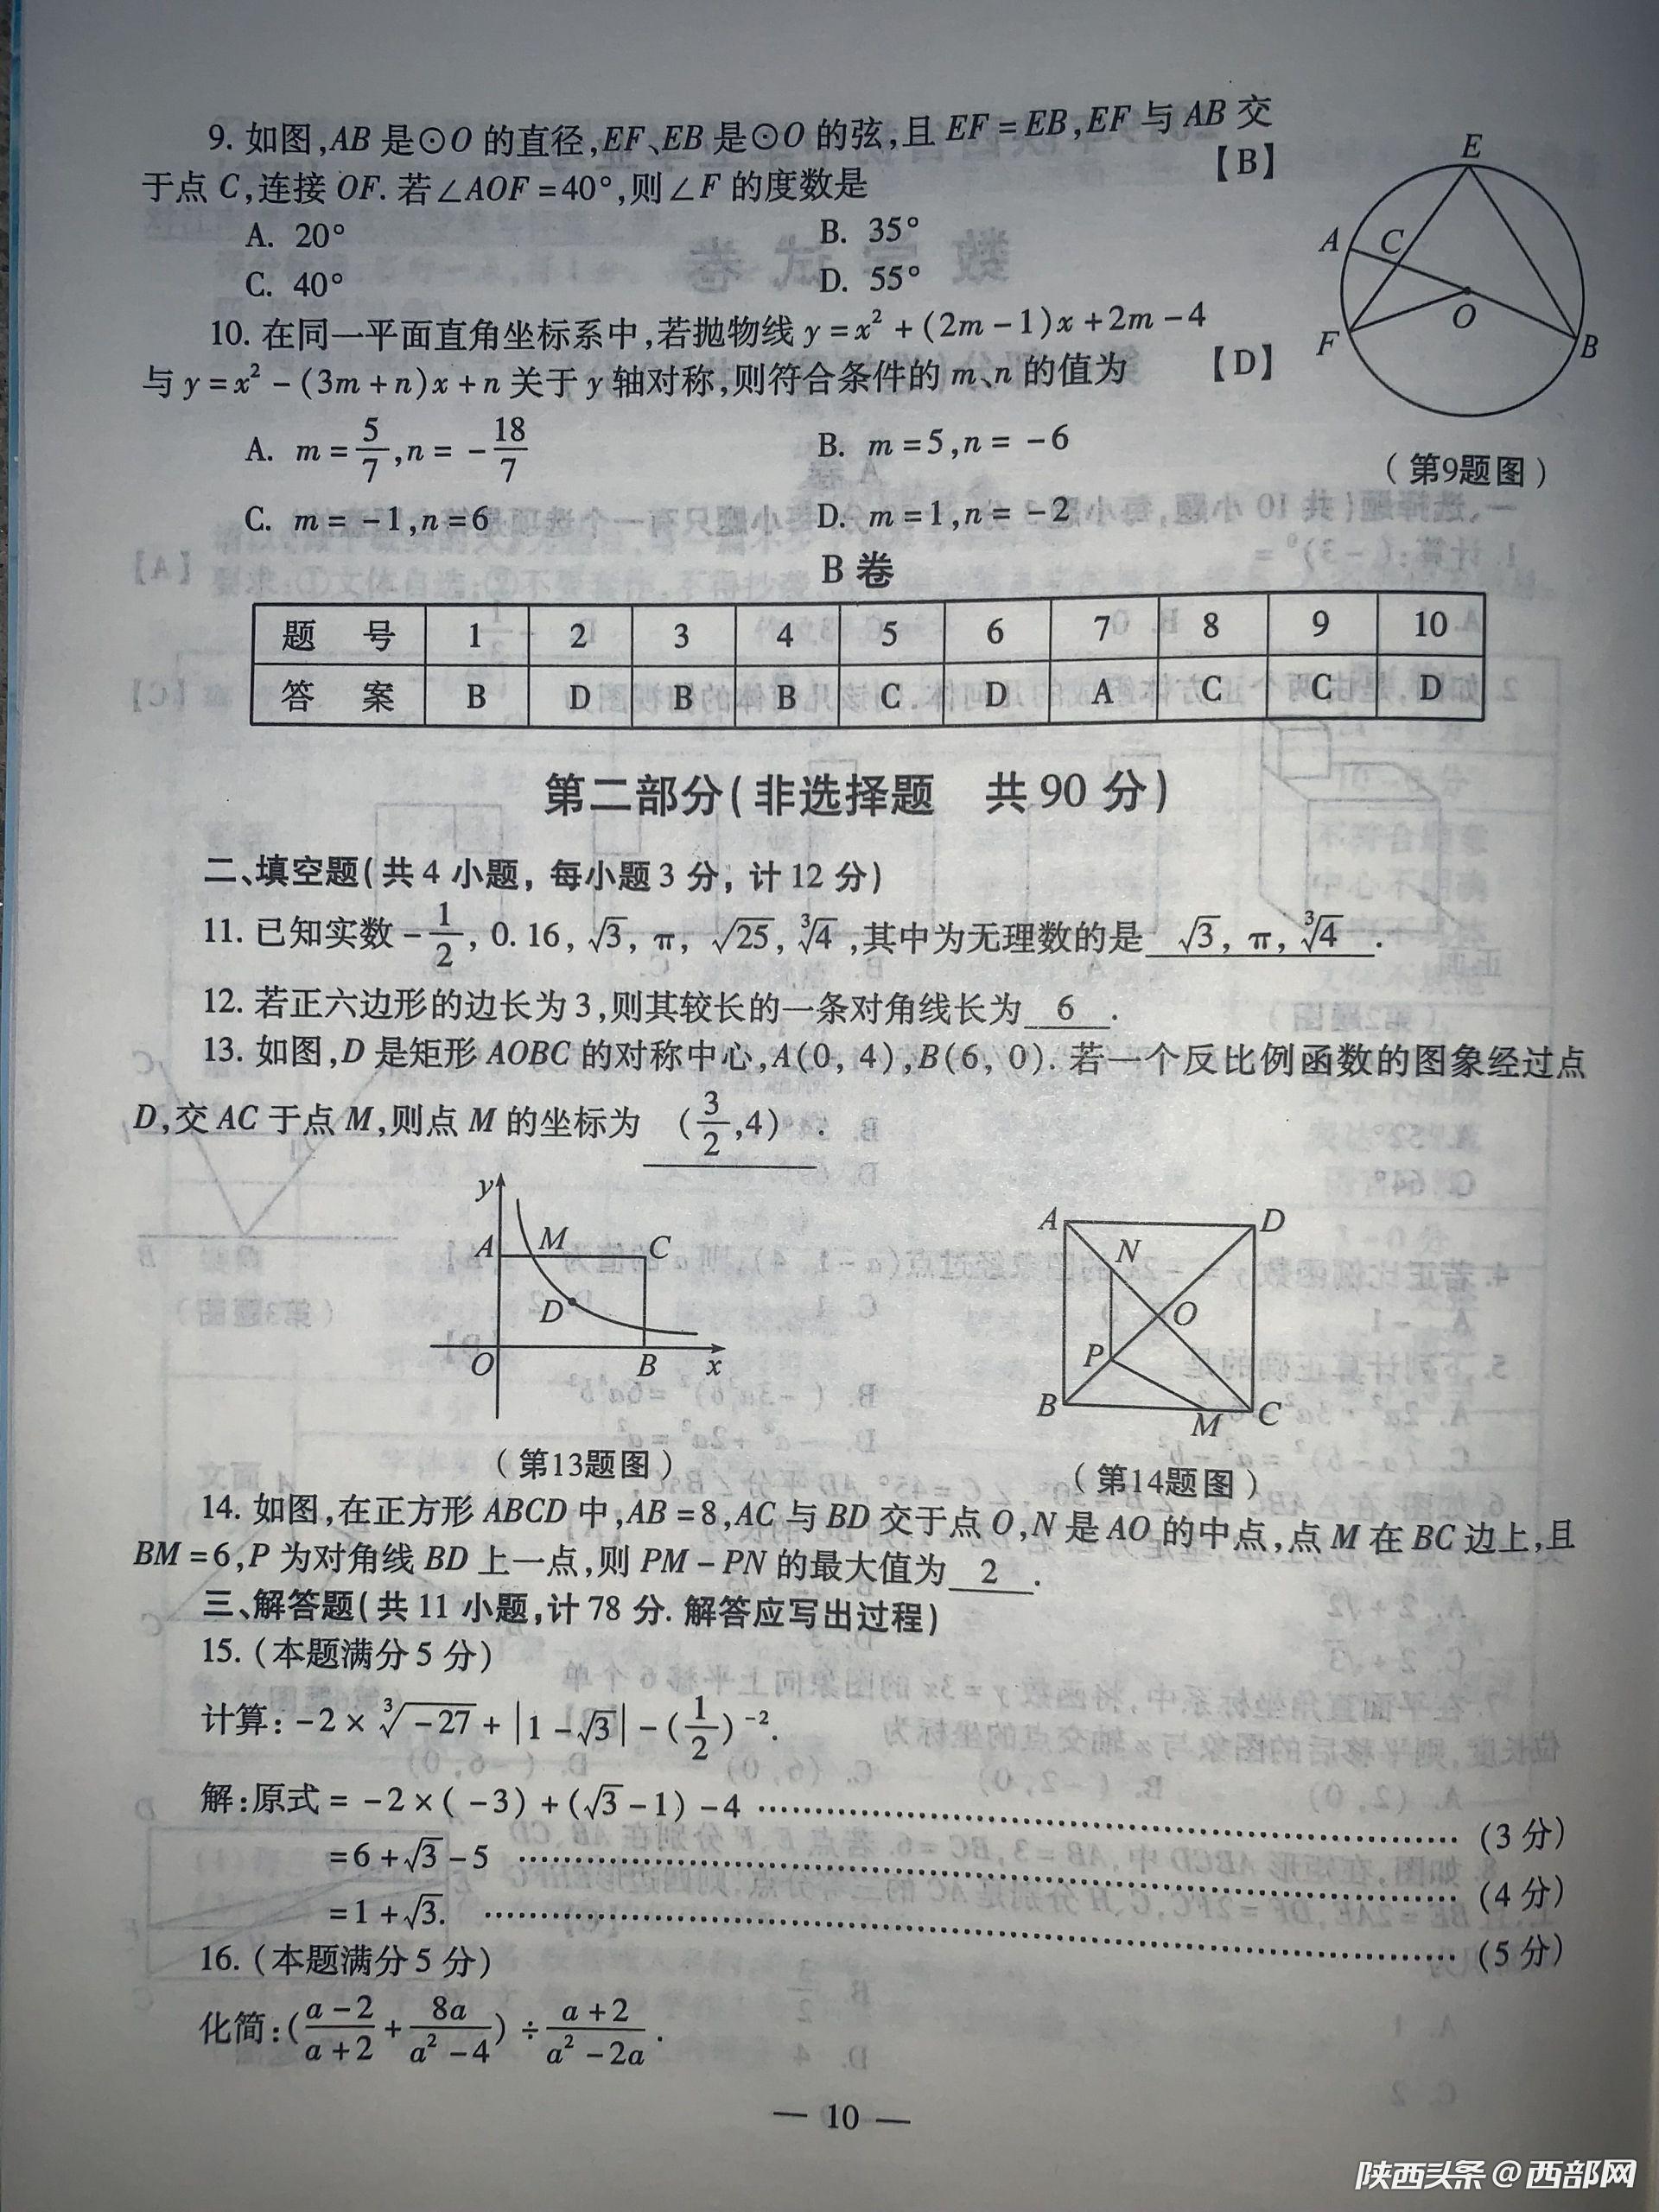 2019年陕西中考《数学》真题及答案已公布